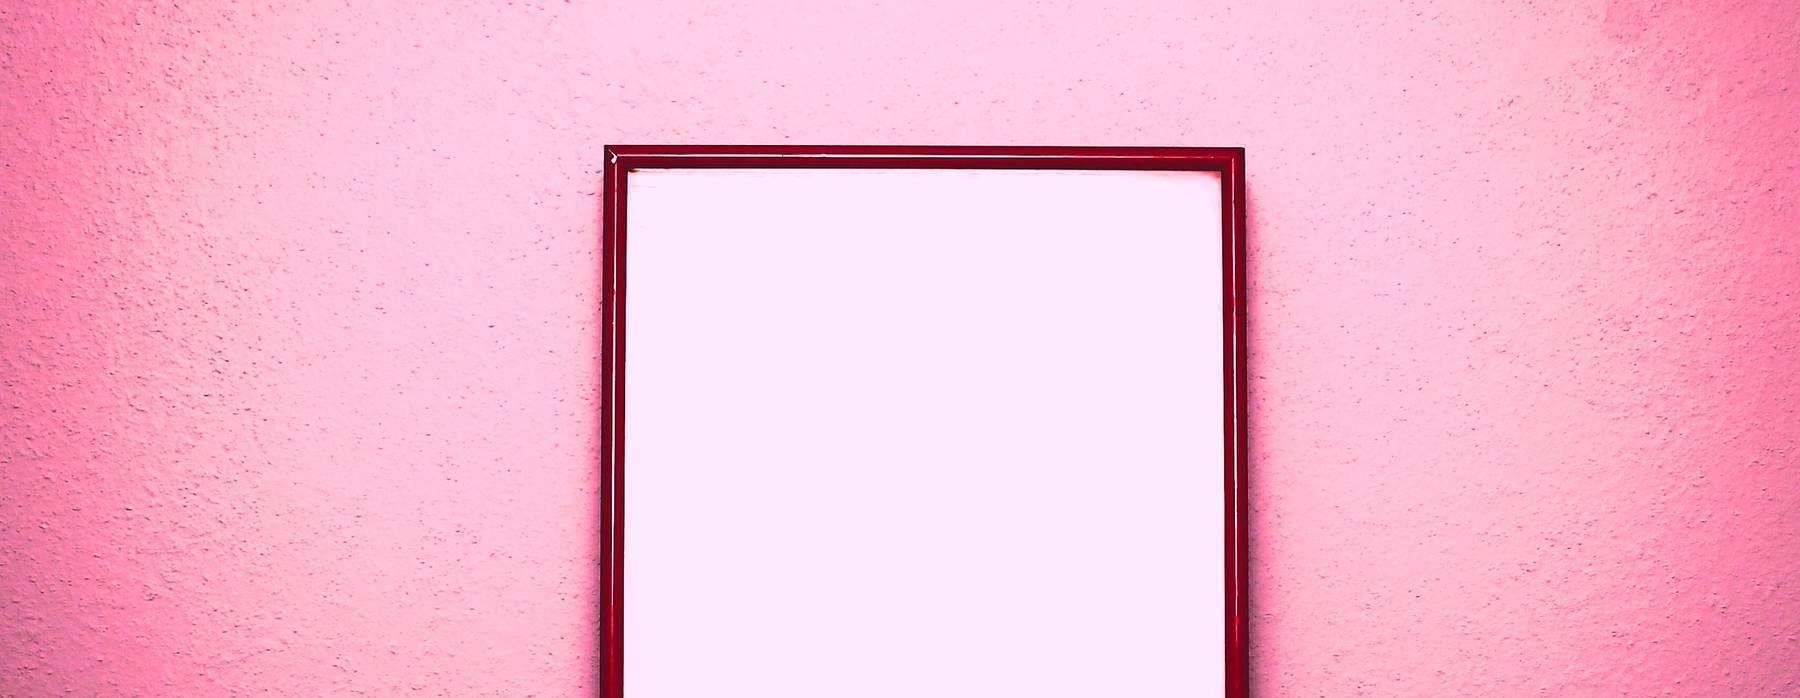 ¿Qué es la técnica del espejo y cómo se realiza? - Featured image